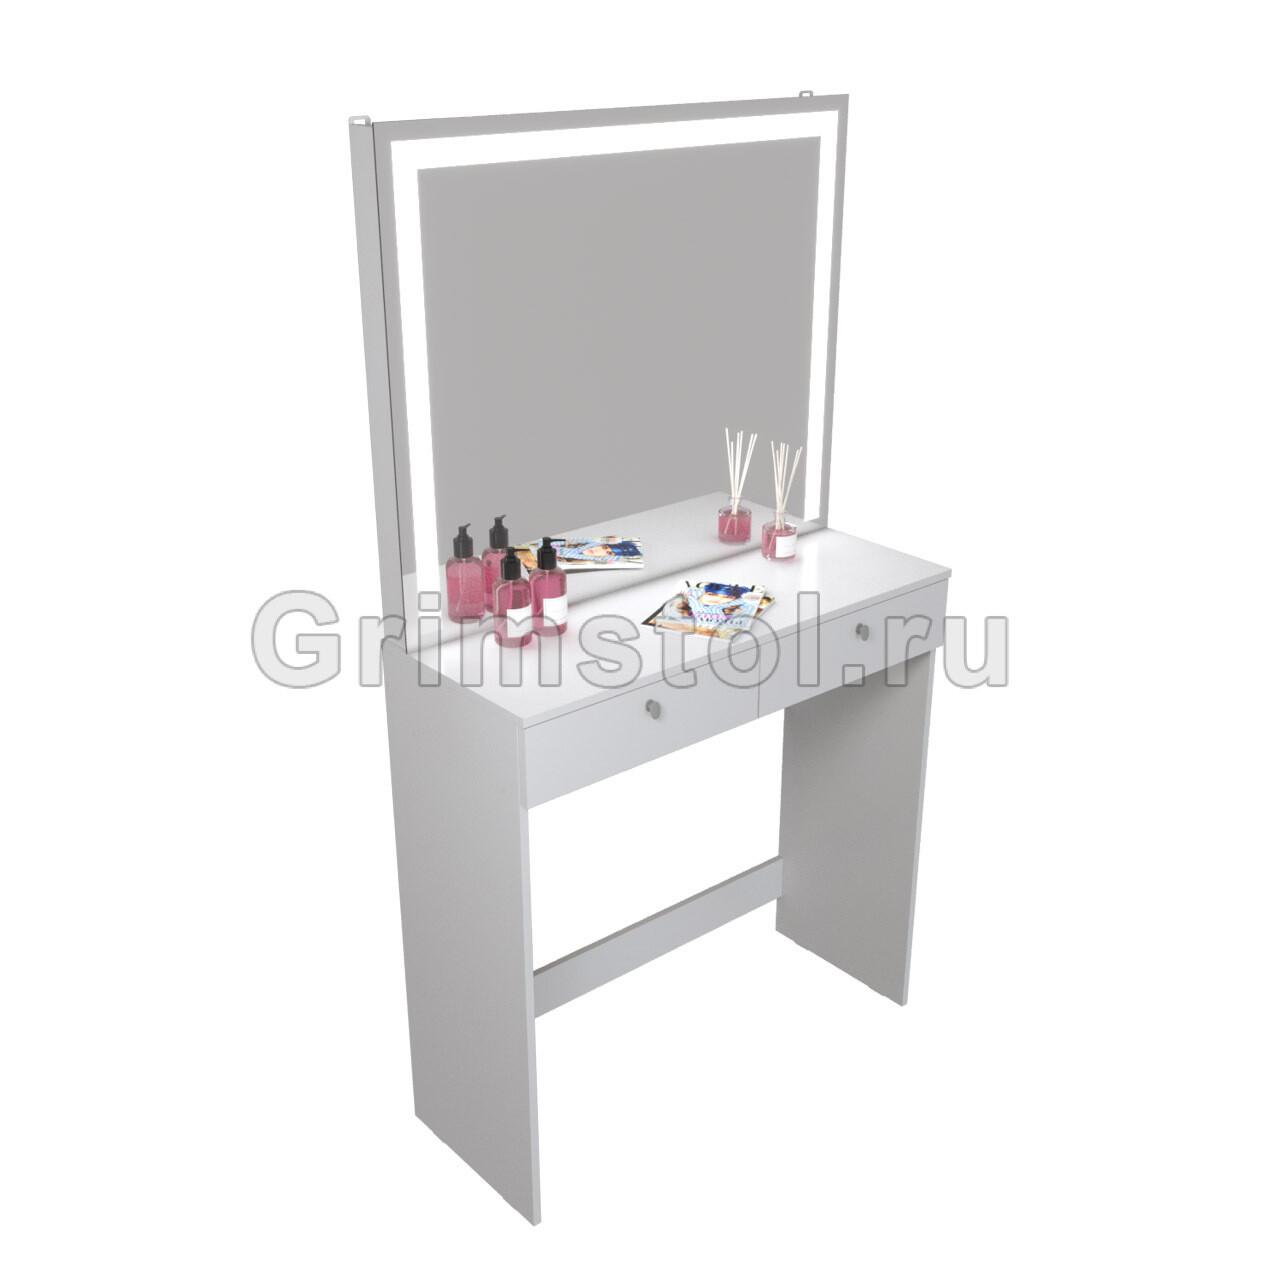 Гримёрный столик 7Д100